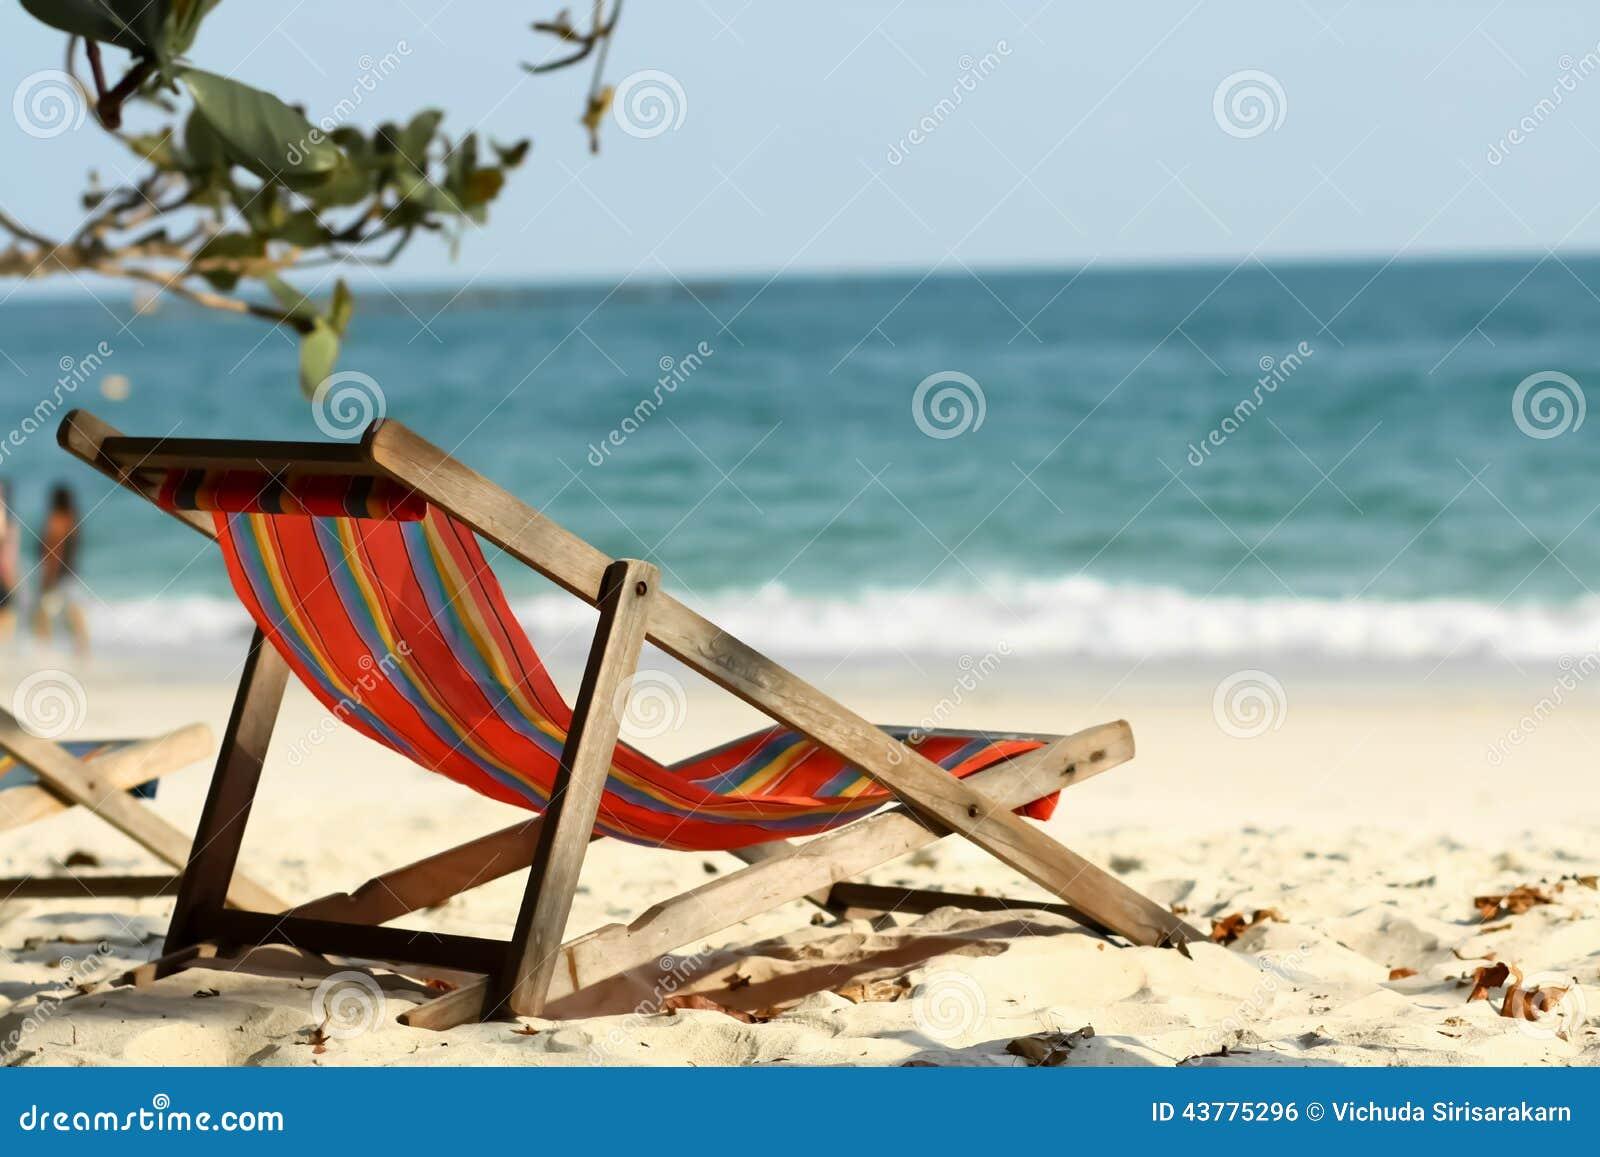 A empty chair on the beach